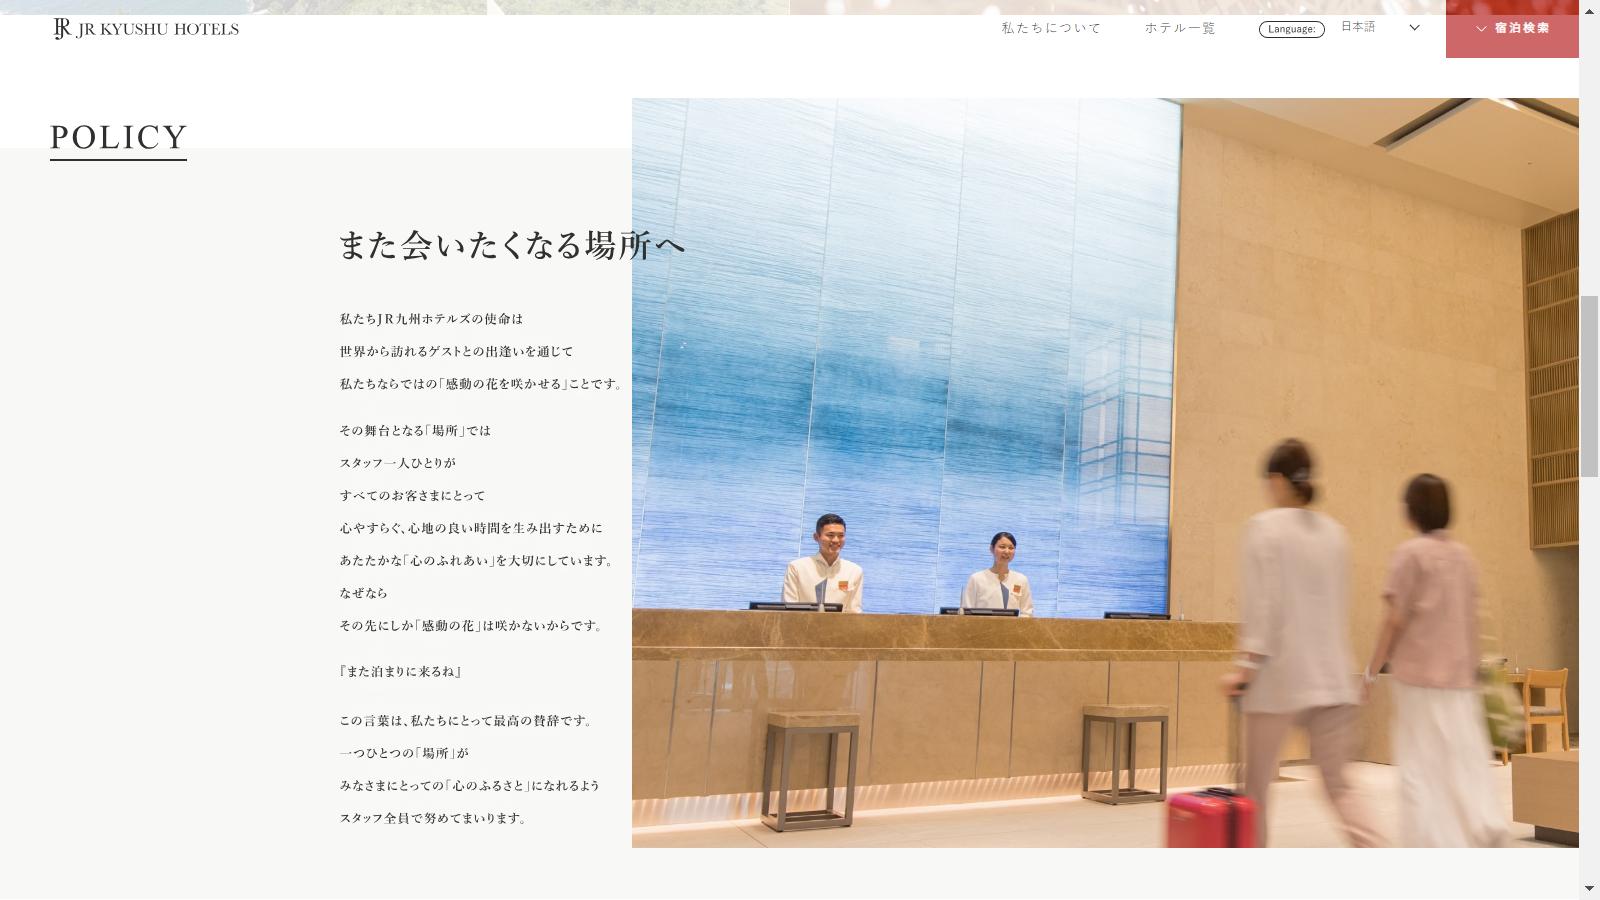 JR九州ホテルズ ポリシー